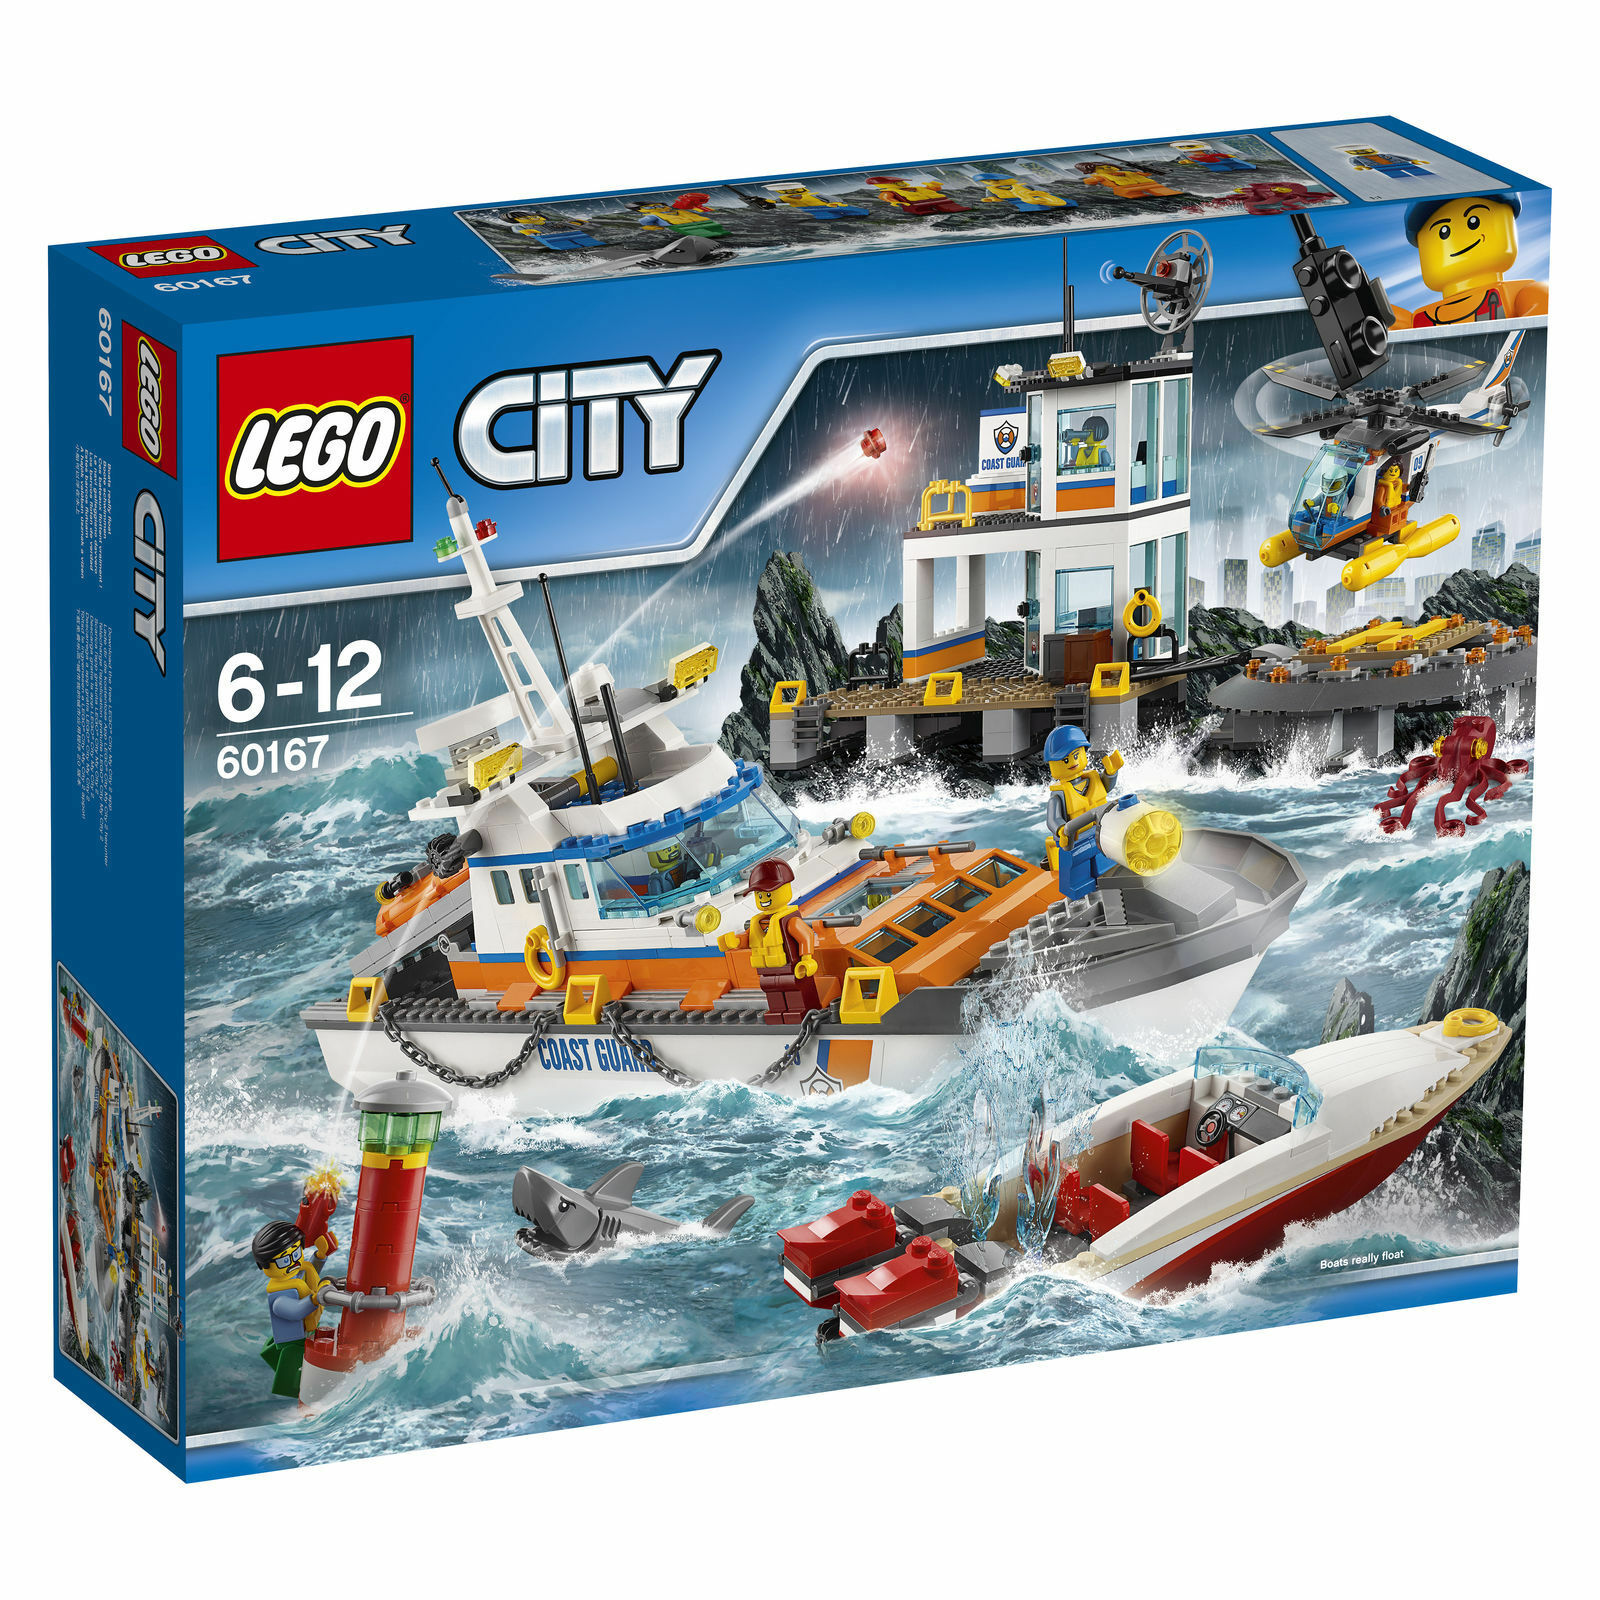 LEGO CITY Guardia Costiera centro  60167  NUOVO nella confezione originale